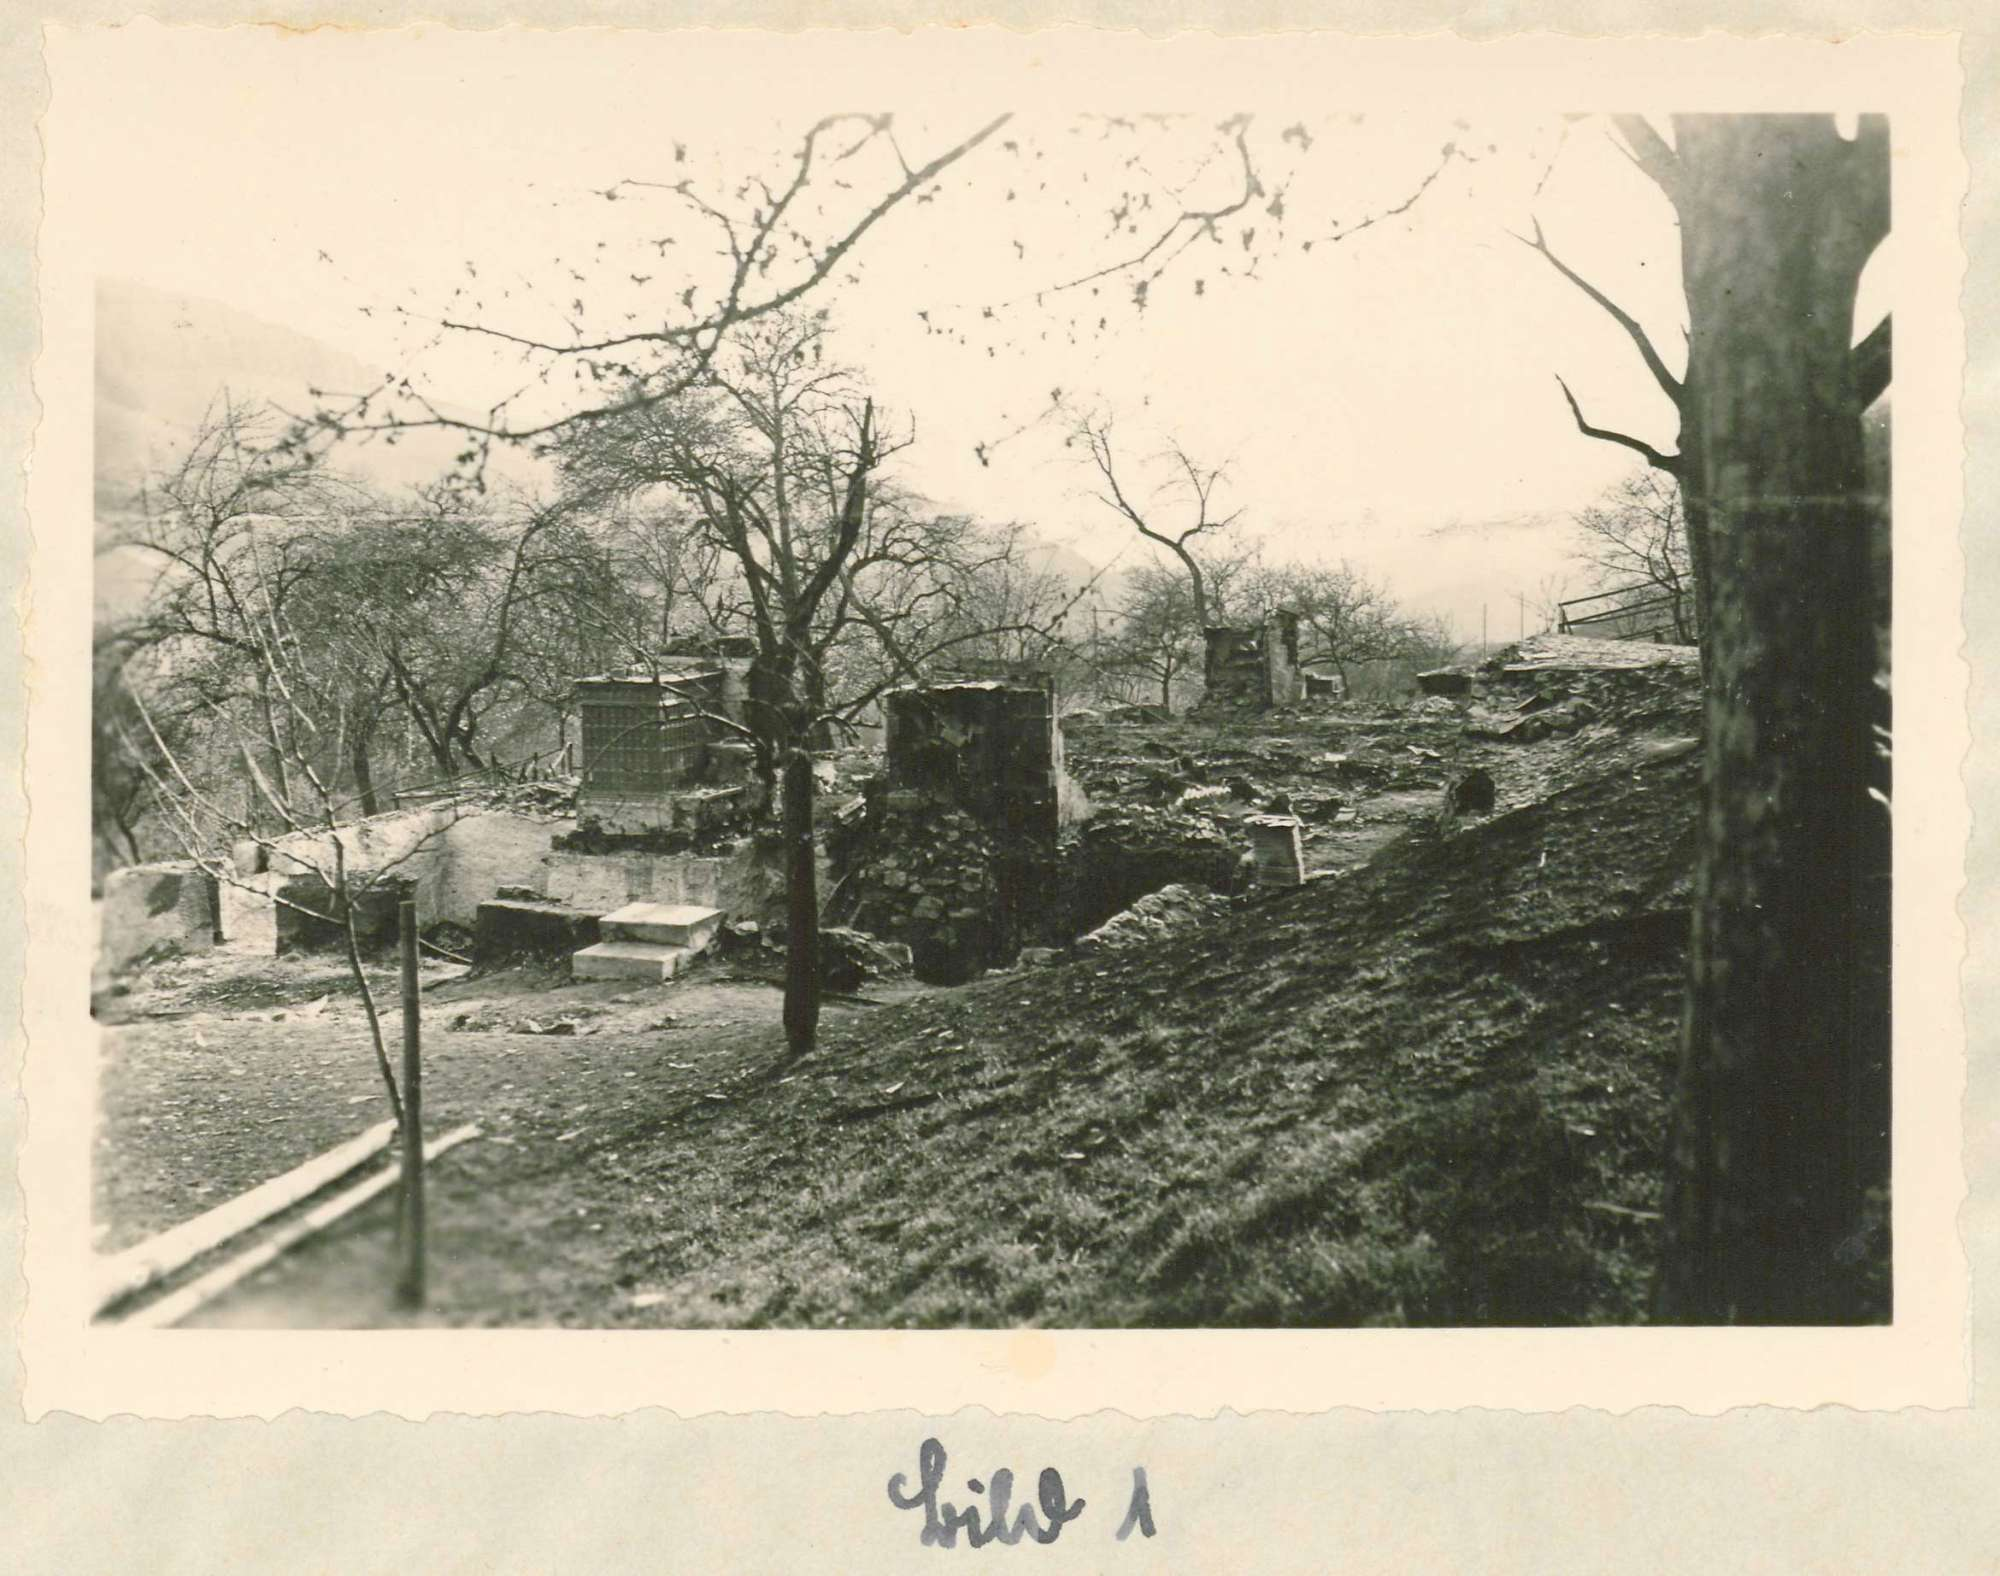 Arbeit des Hilfswerks Tunau nach dem Brand in Tunau vom 26.April 1936; Wiederaufbau des abgebrannten Ortes, Bild 2